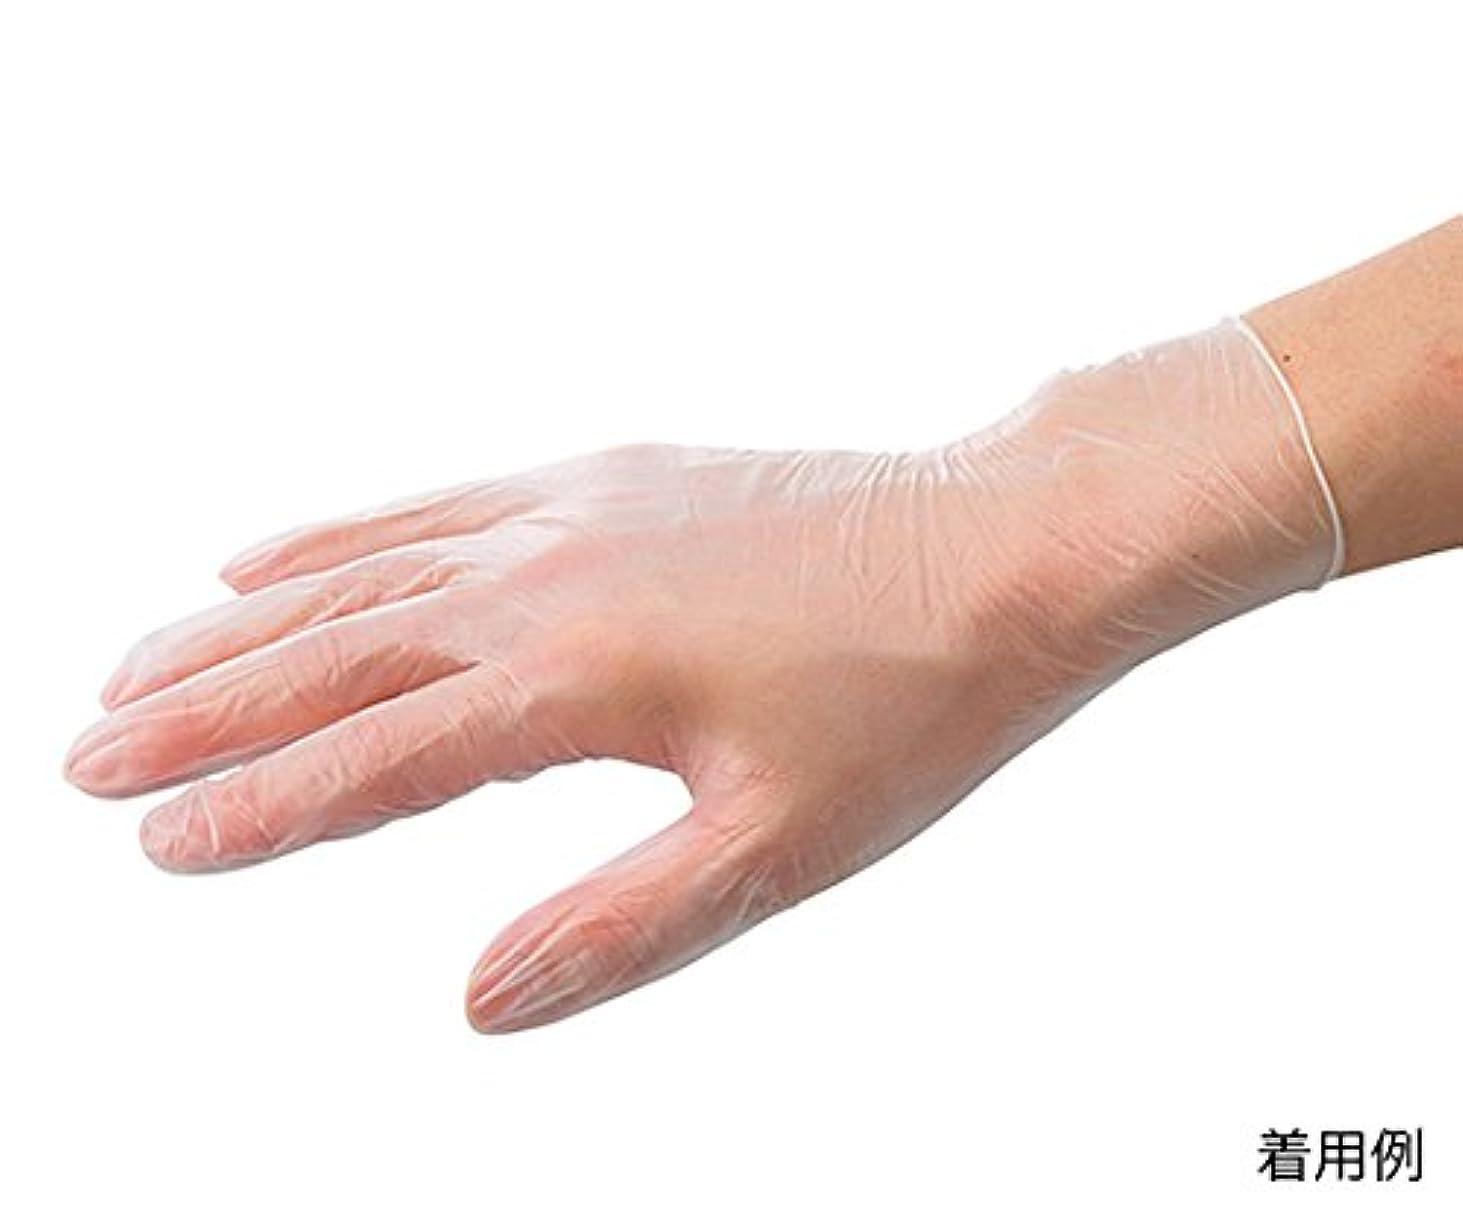 死の顎すなわち鋼ARメディコム?インク?アジアリミテッド7-3727-03バイタルプラスチック手袋(パウダー付き)L150枚入